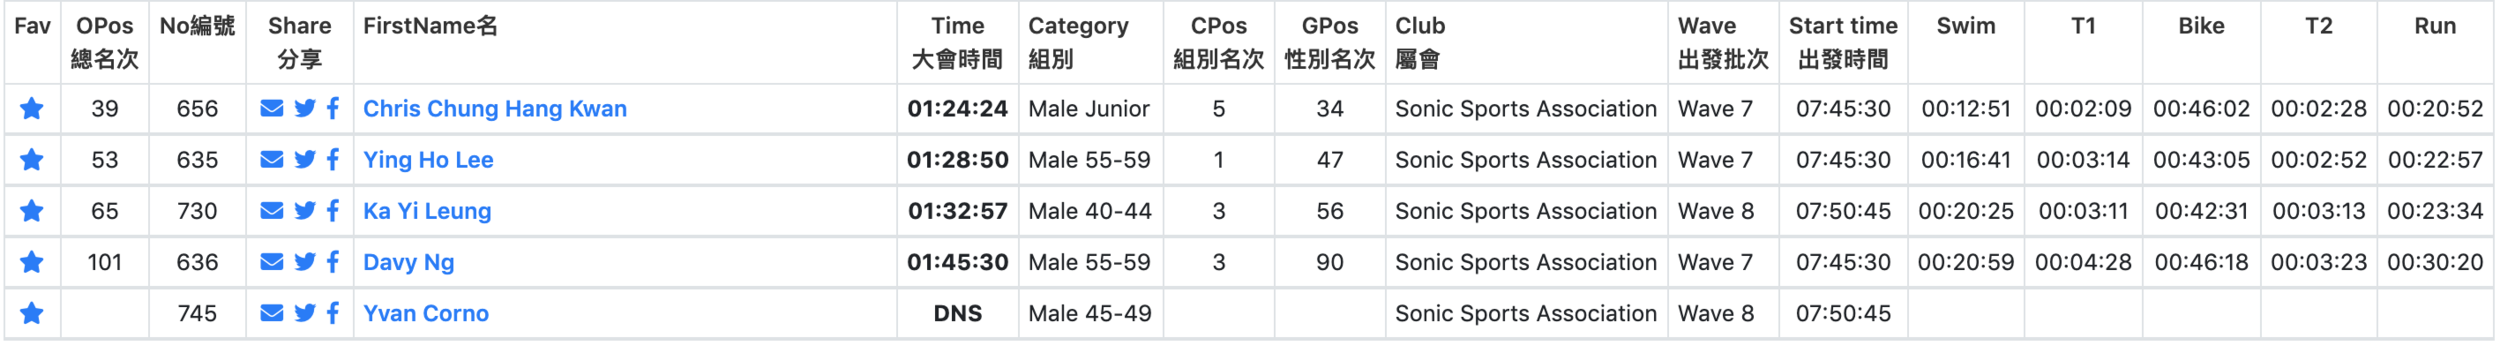 Sprint Distance Result